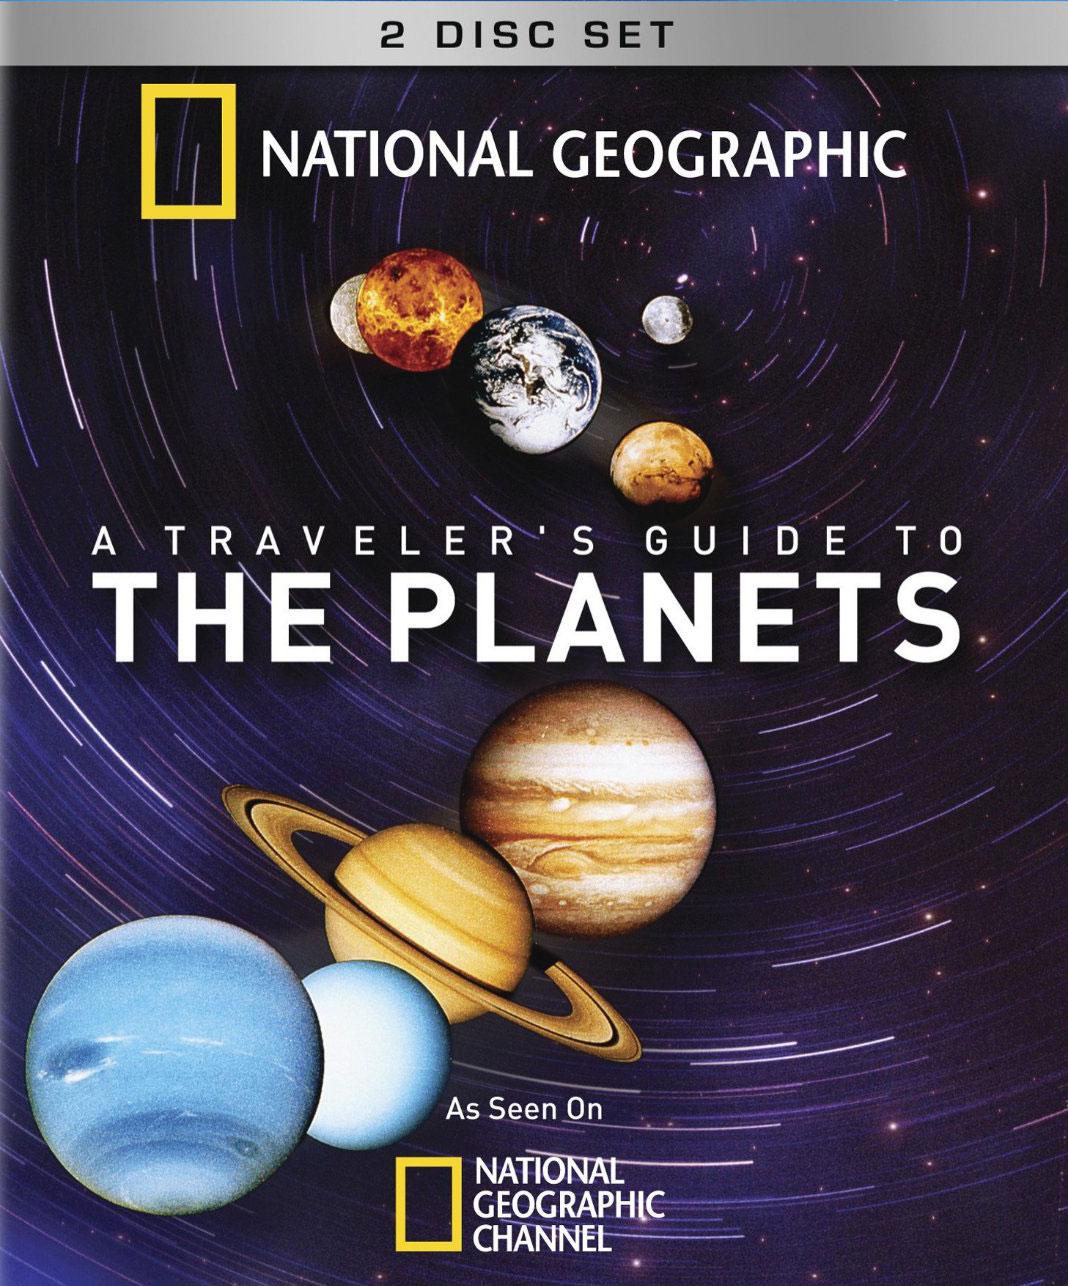 مستند راهنمای سفر به سیارات